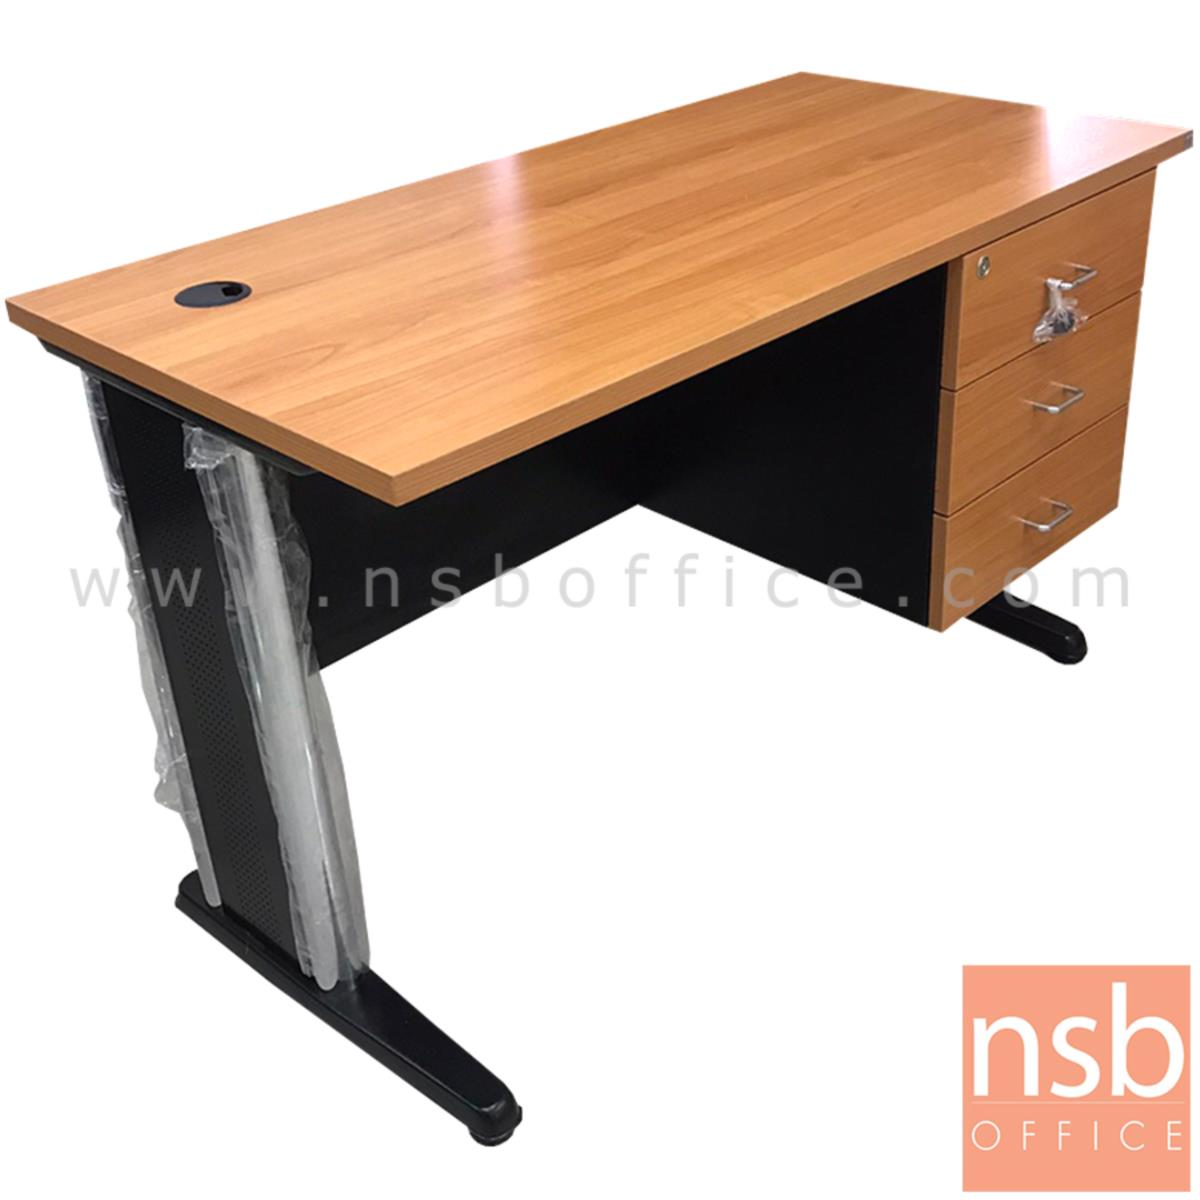 L10A204:โต๊ะทำงาน 3 ลิ้นชัก  ขนาด 120W*74H cm. ขาเหล็ก สีเชอร์รี่ดำ